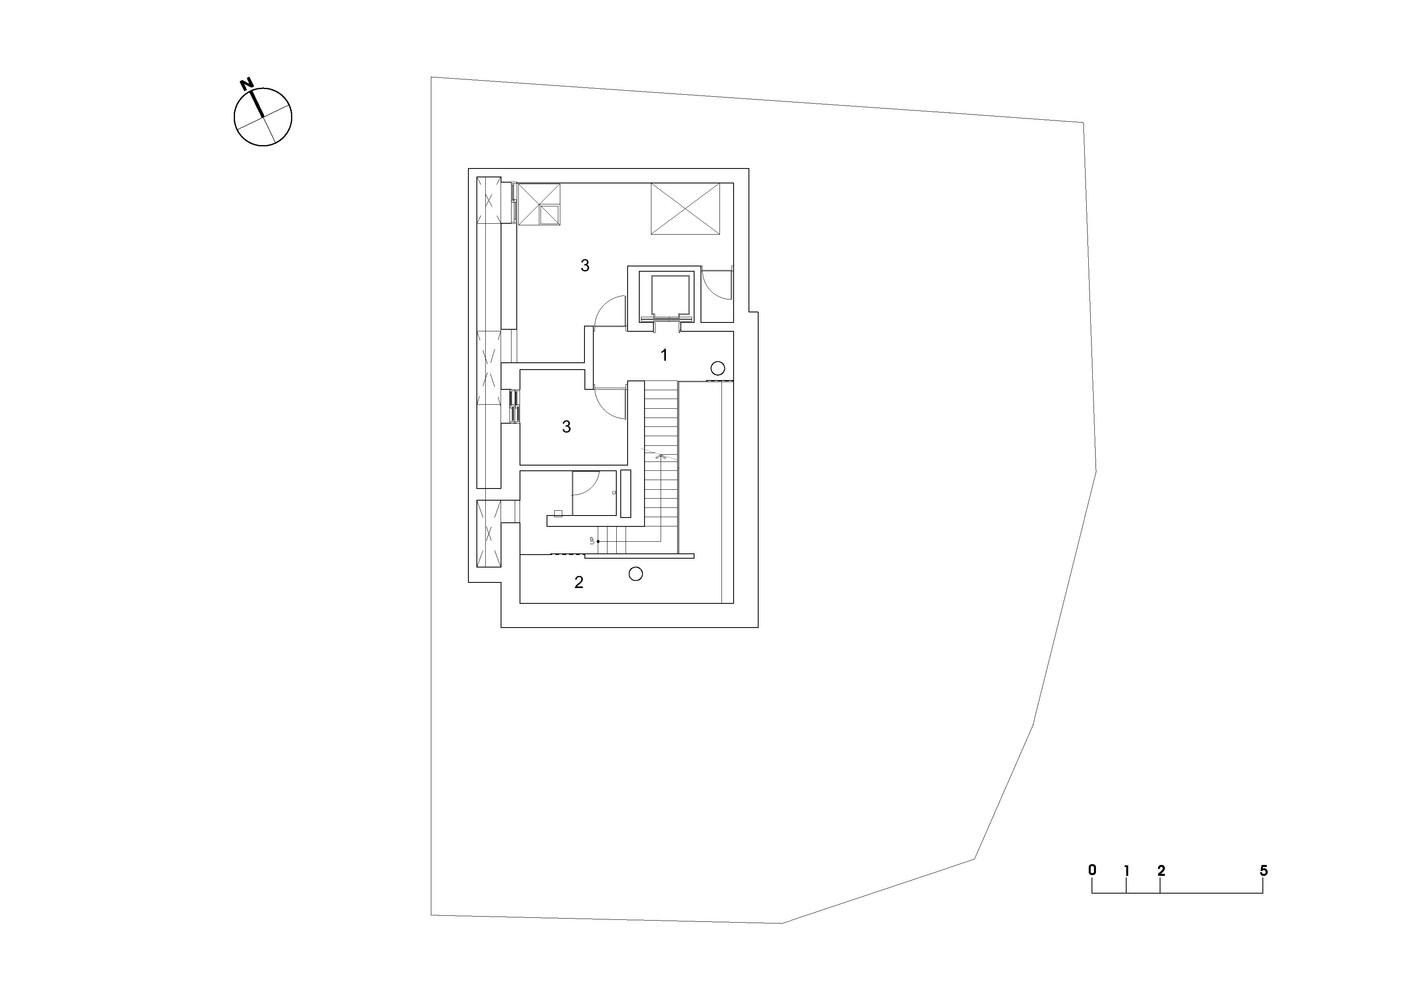 Customi-Zip,Floor Plan